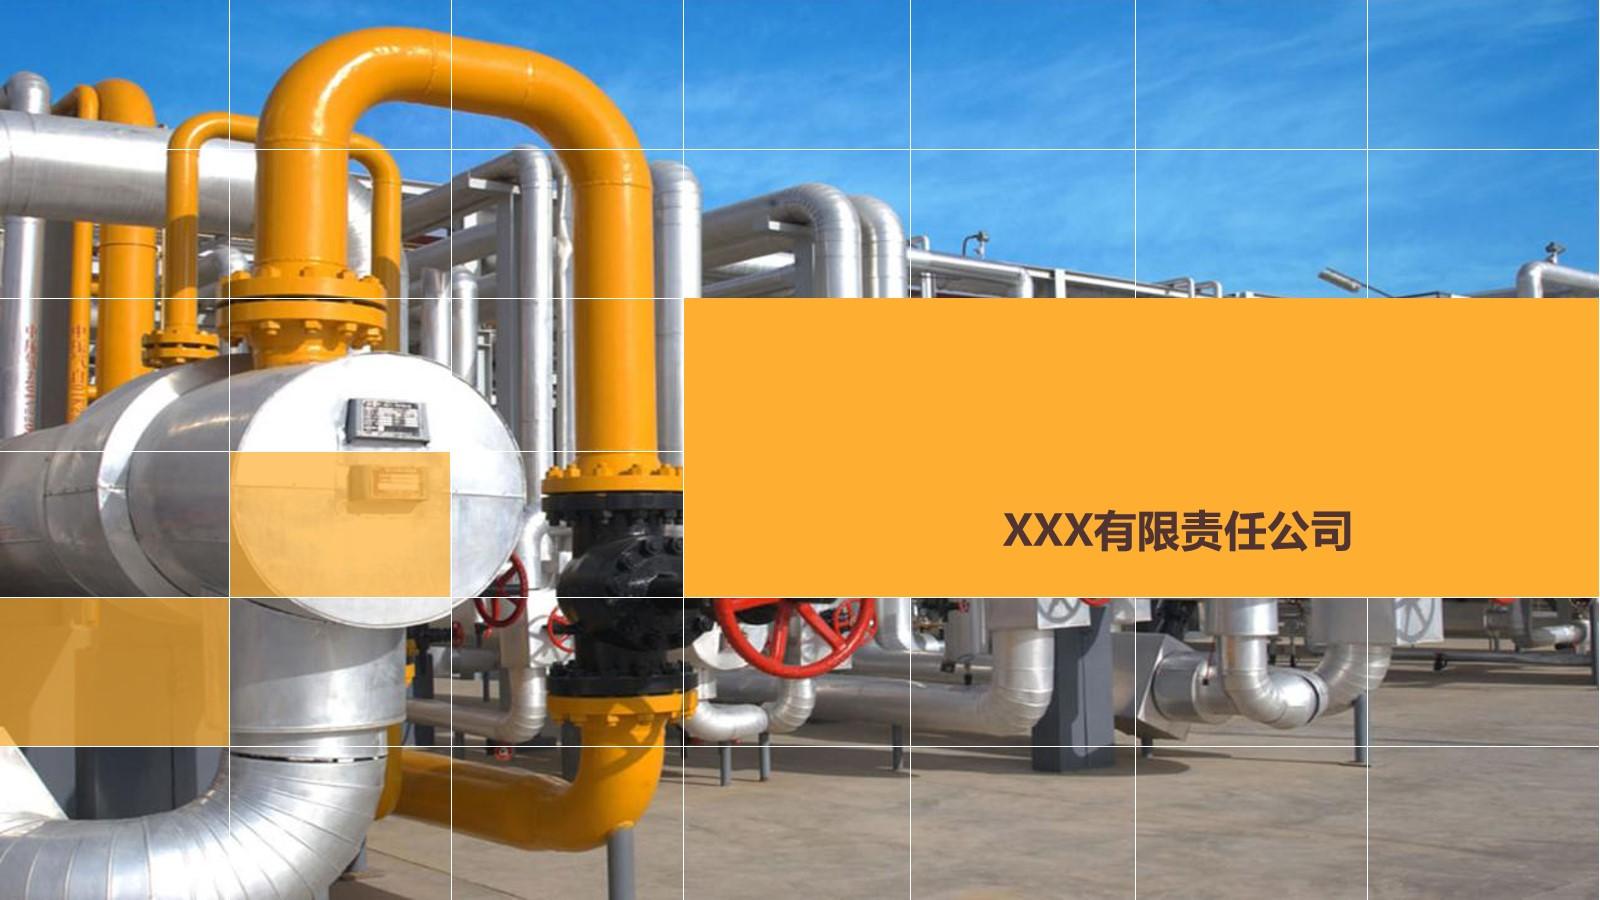 石油管道背景的油气集输PPT模板